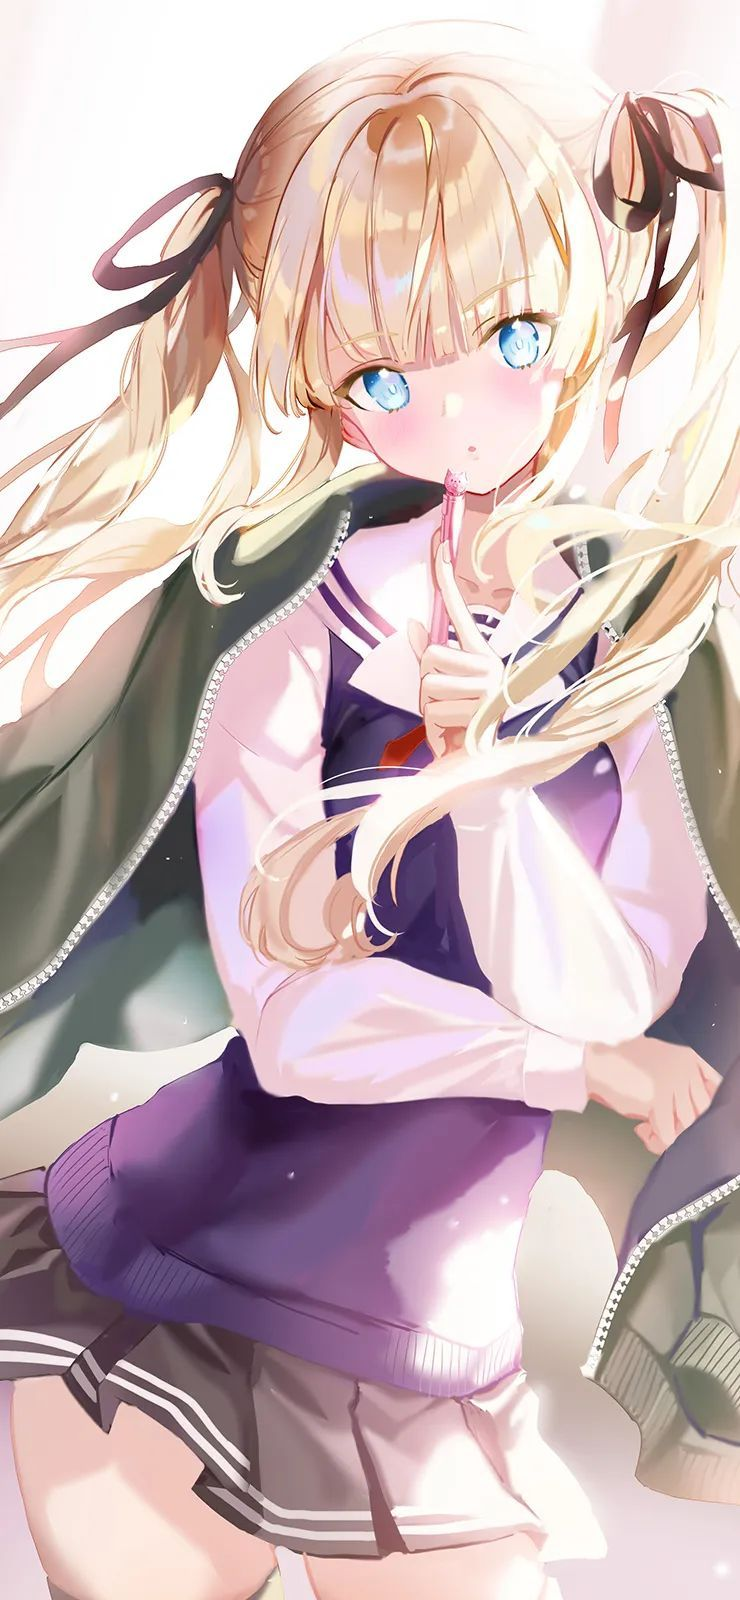 【二次元动漫壁纸集】优质动漫壁纸,金发双马尾JK短裙少女太好看了_图片 No.1